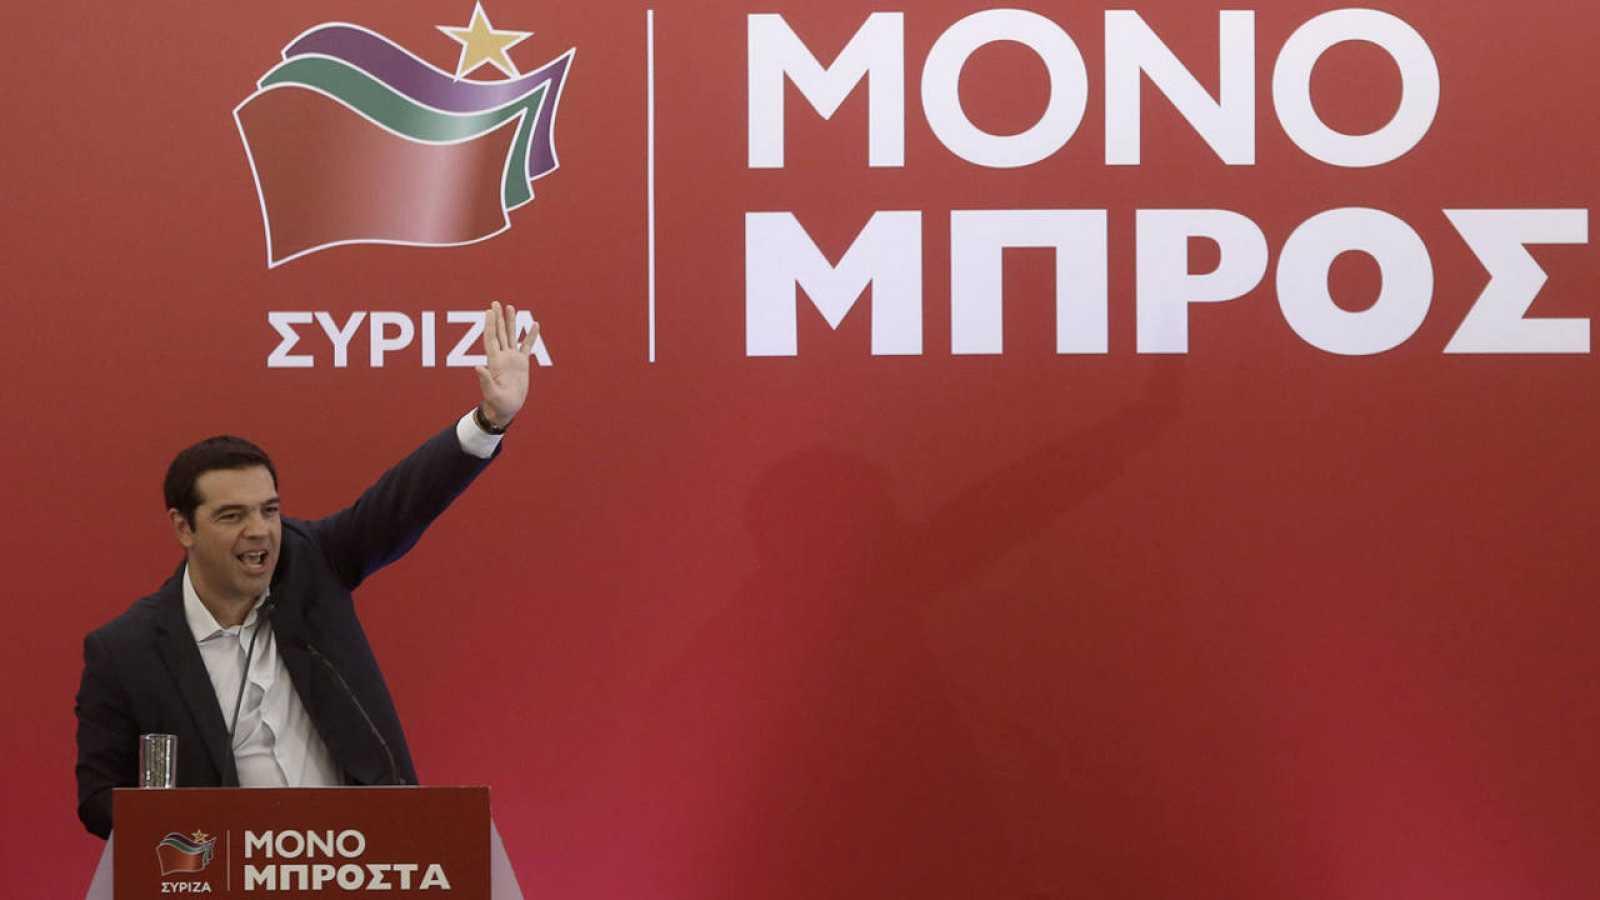 El líder de Syriza, Alexis Tsipras, durante una conferencia de su partido el pasado 29 de agosto